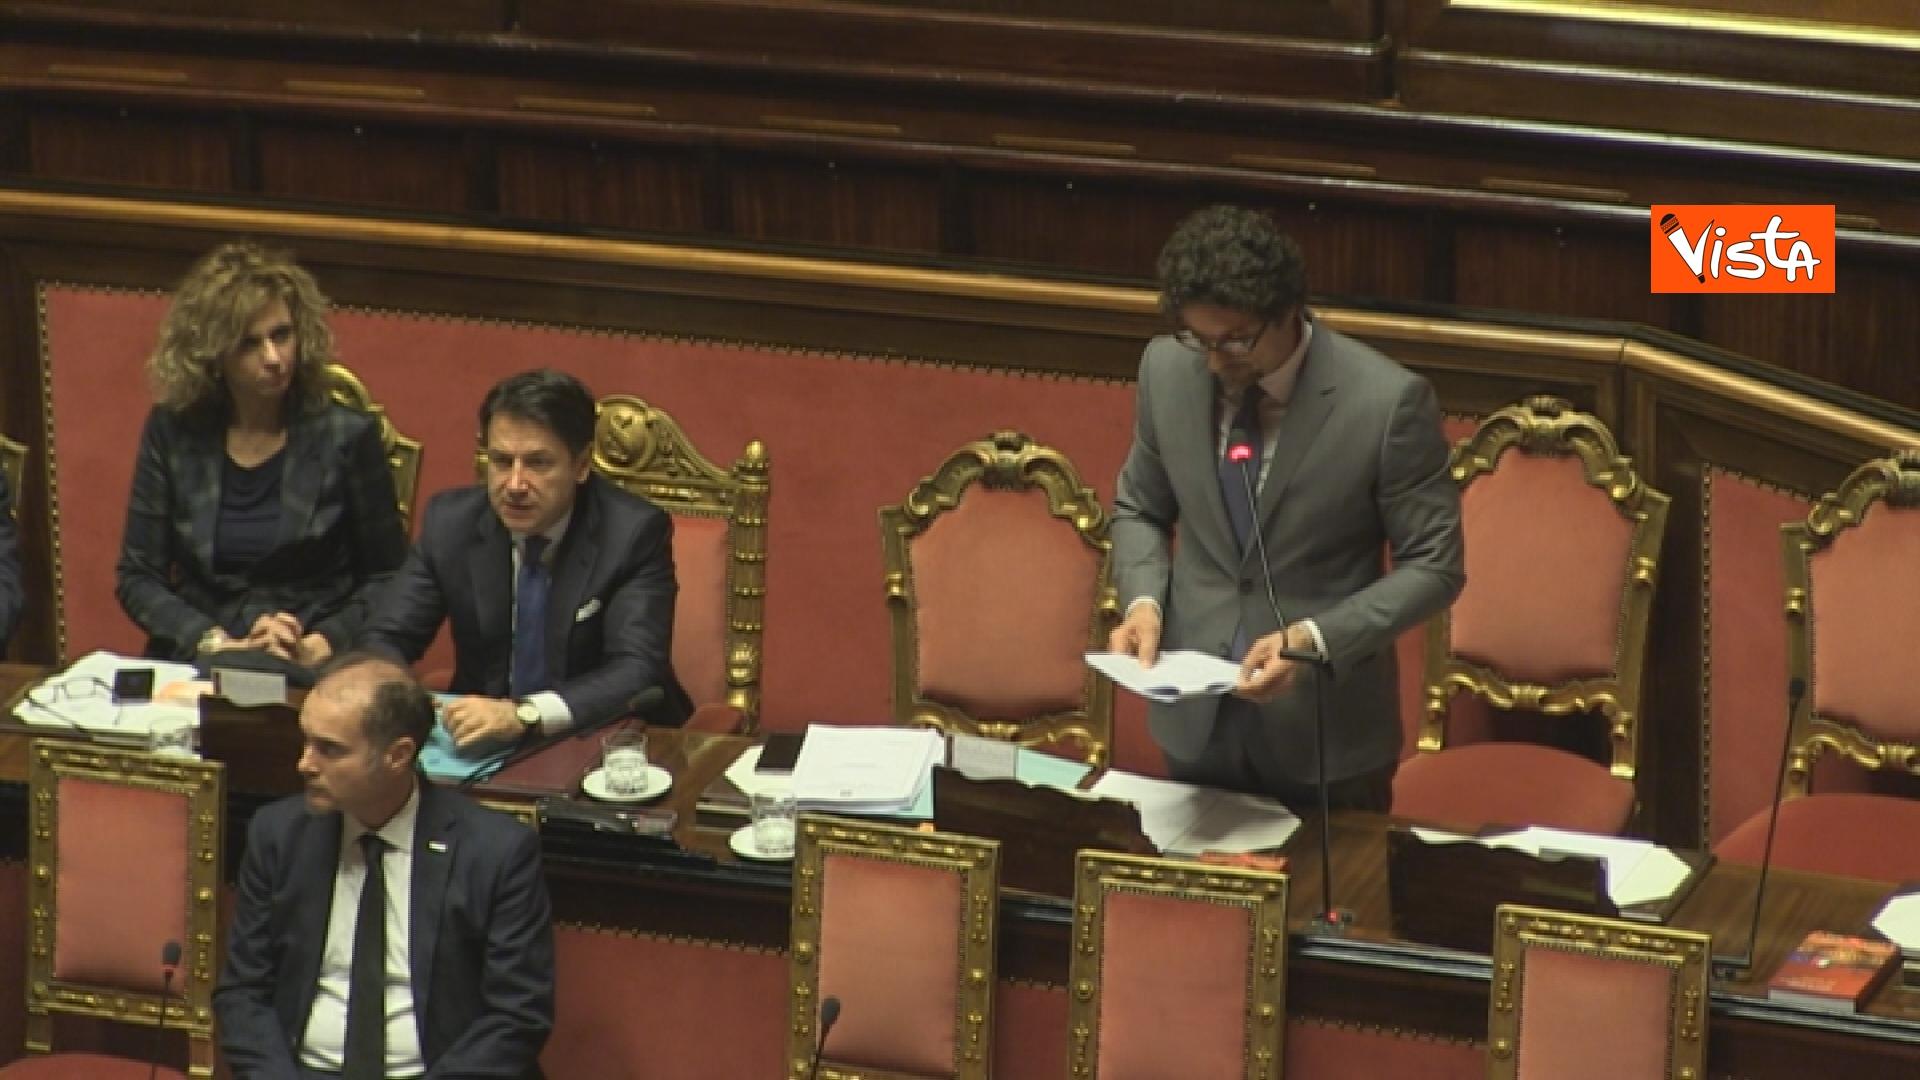 21-03-19 Mozione sfiducia per Toninelli al Senato le immagini dell Aula_il ministro durante il suo intervento 05